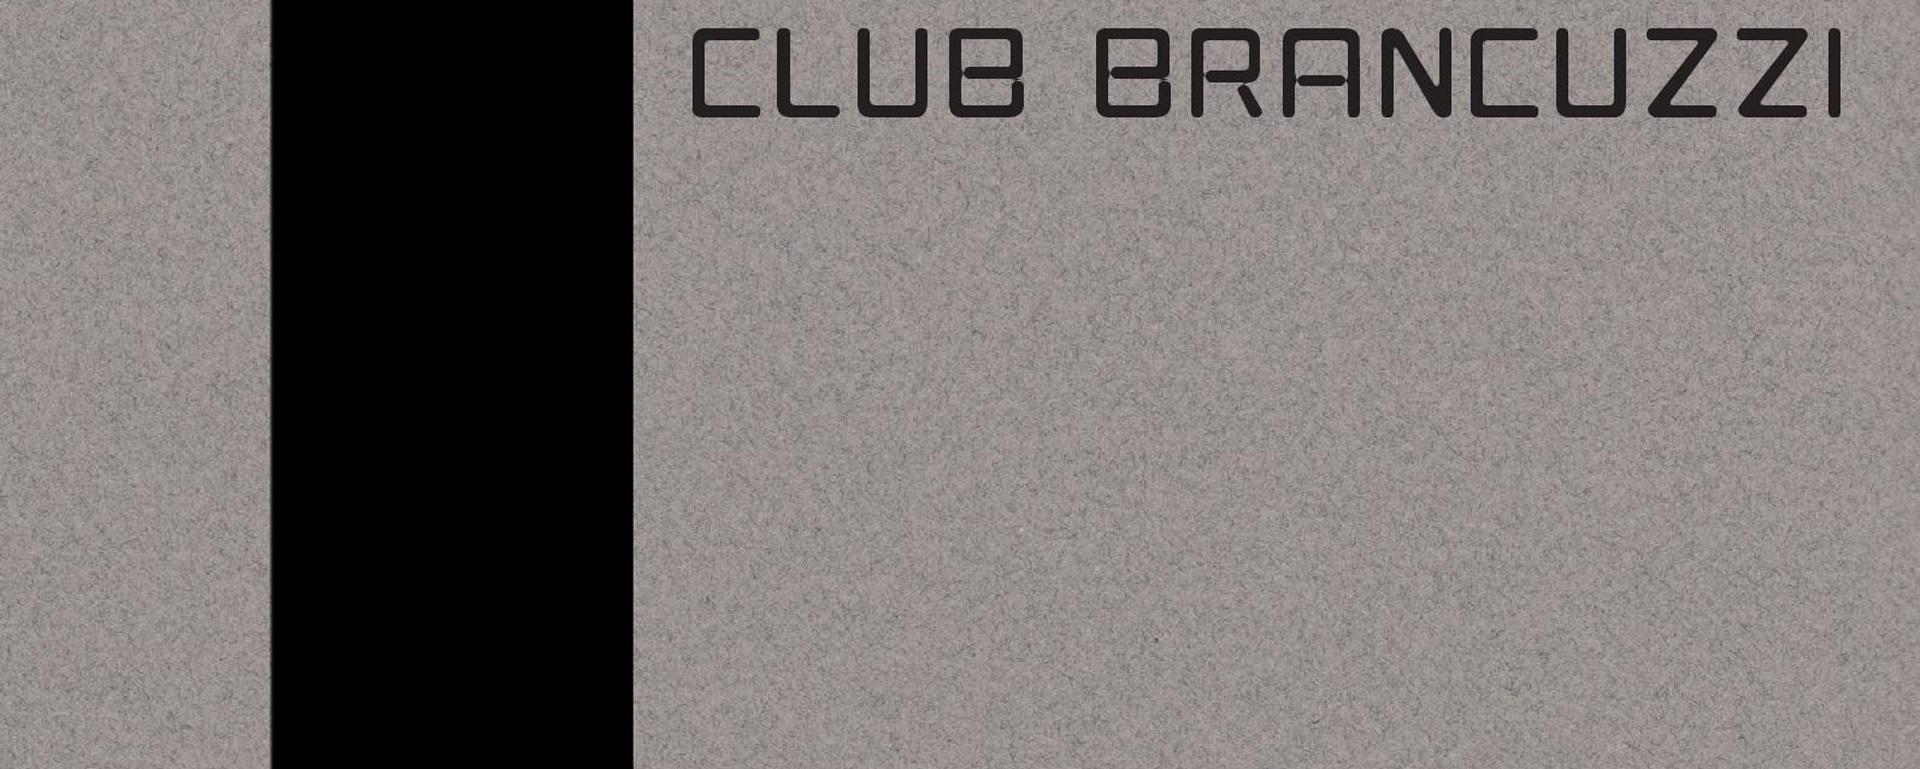 ClubBrancuzzi